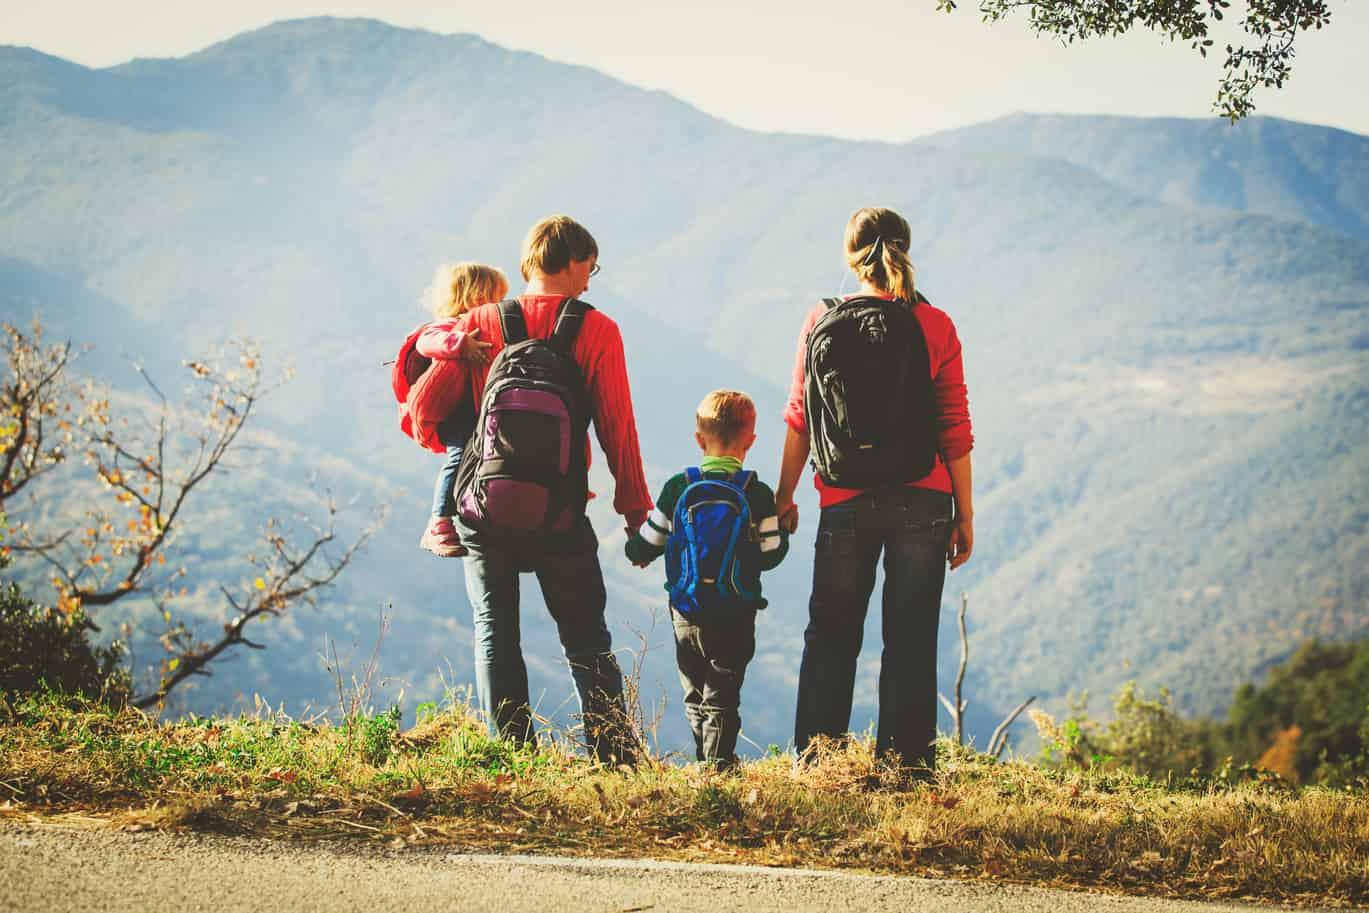 Un viaje a Belice puede ser una verdadera aventura